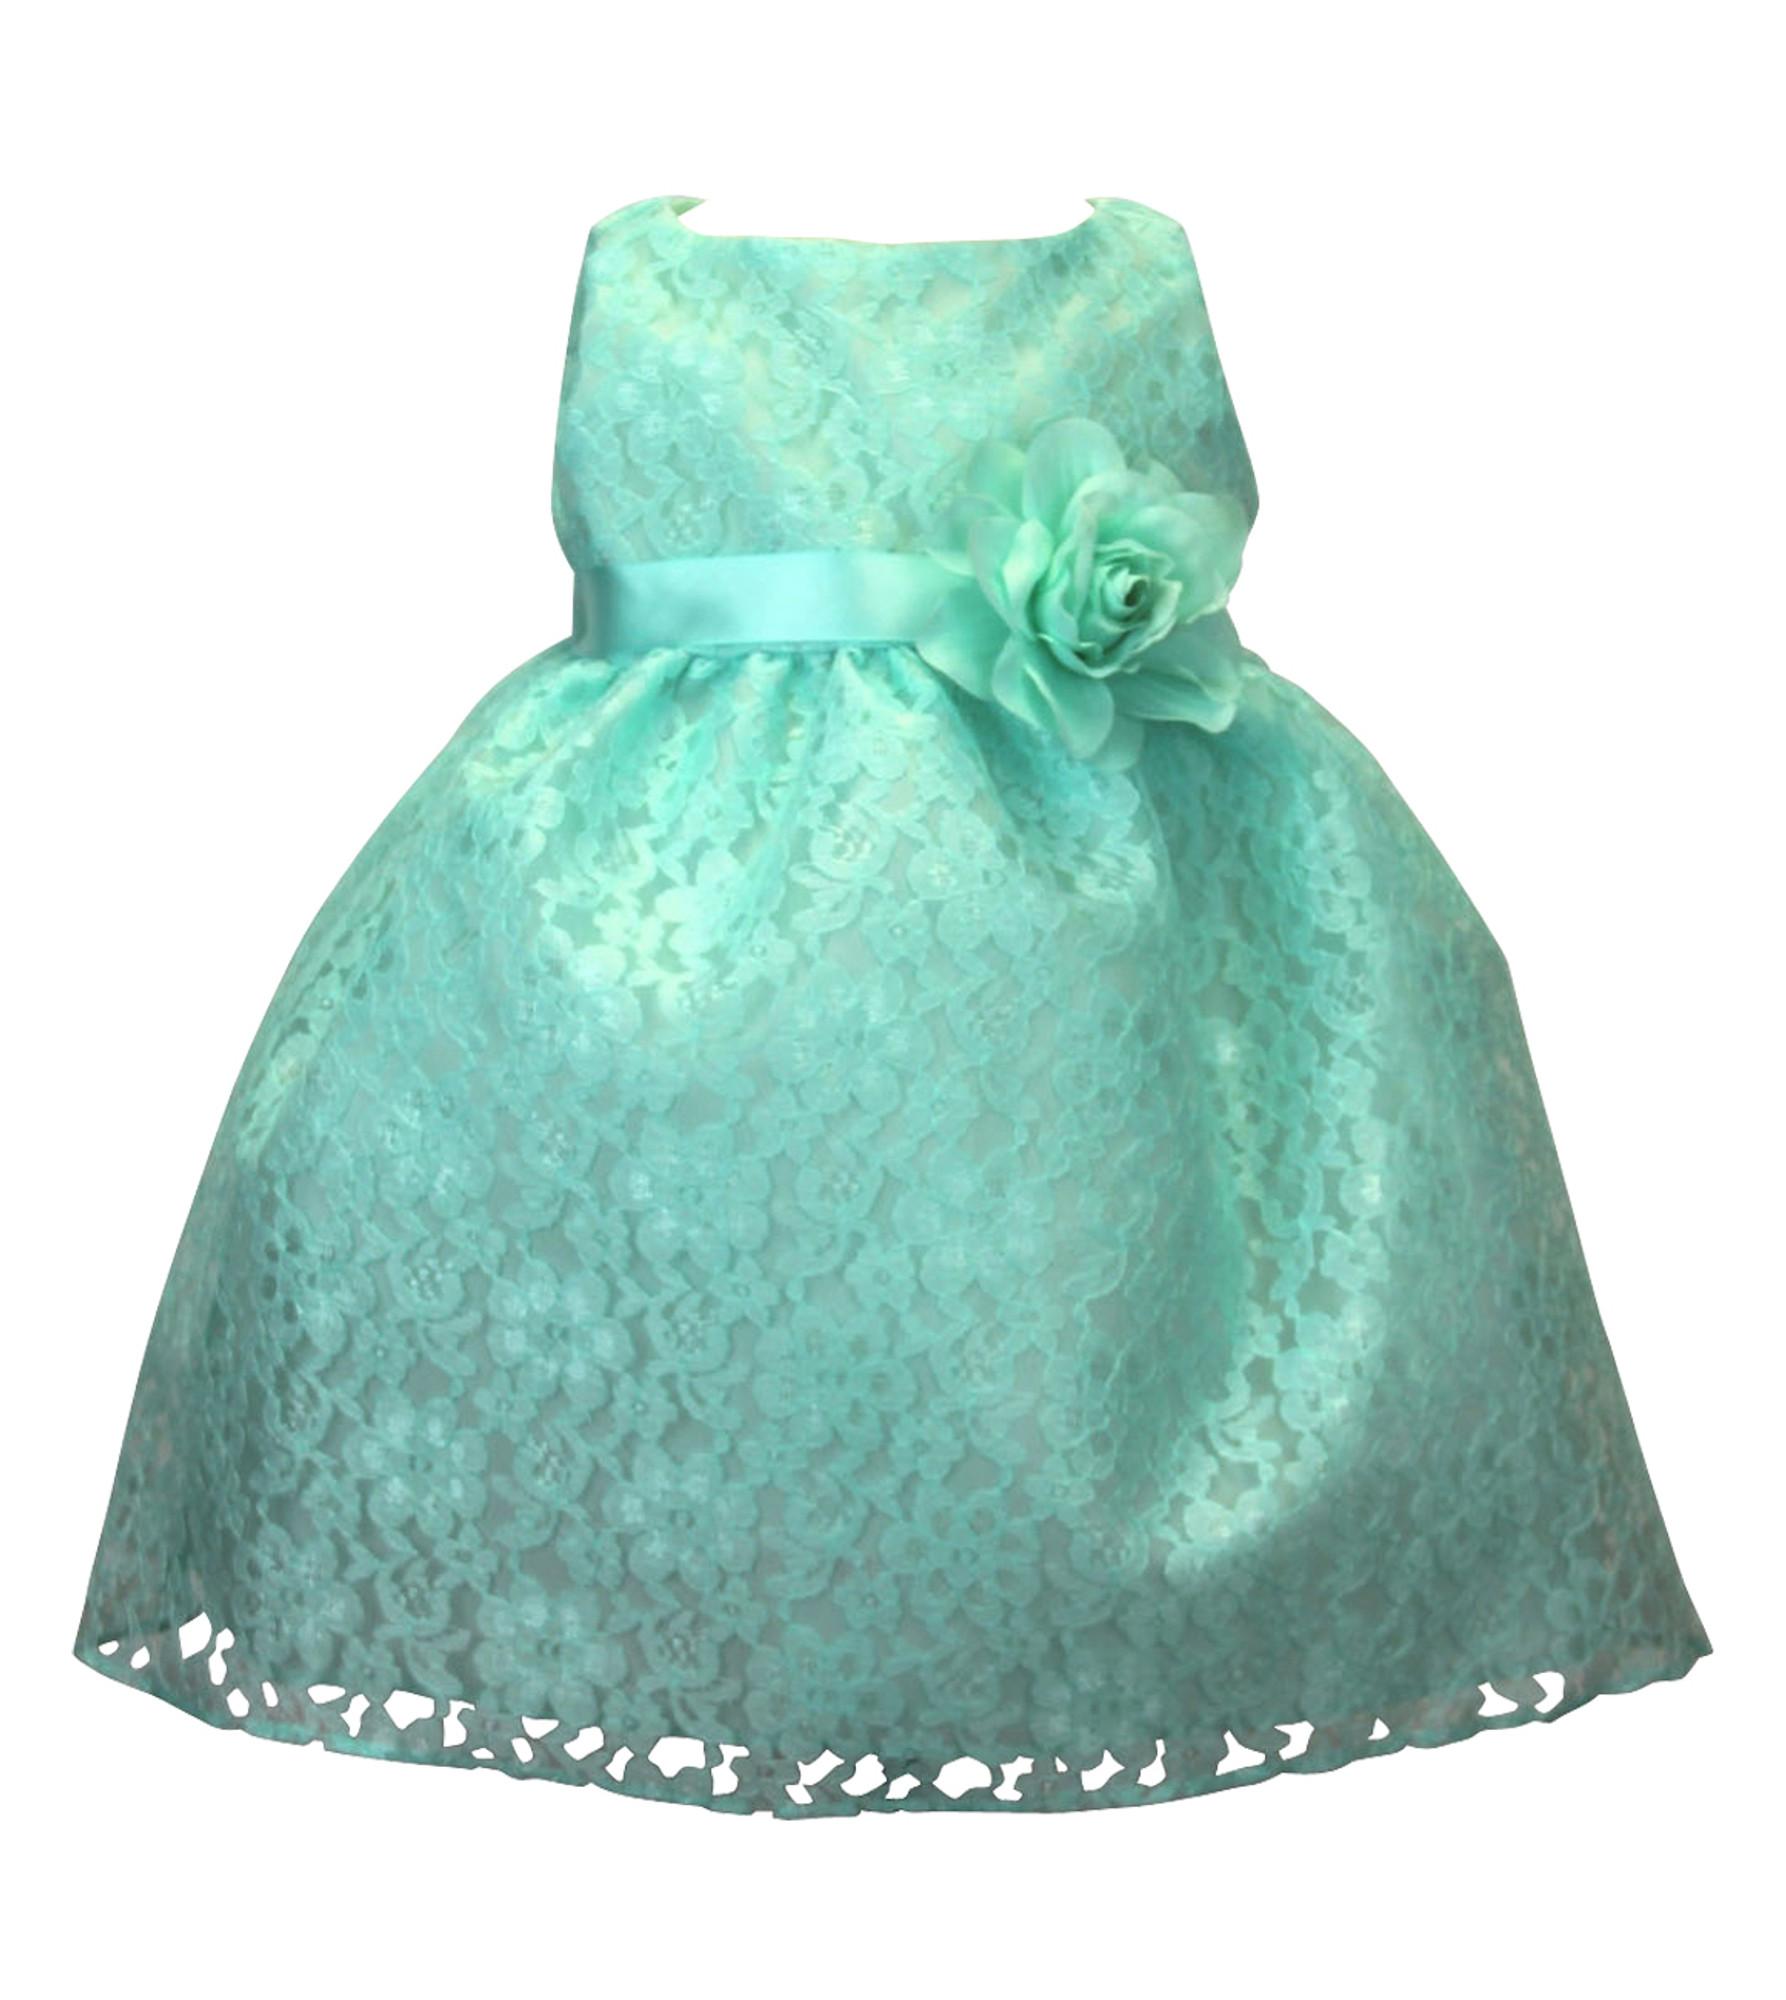 BIMARO  Babykleid Nelly mint grün Kleid Taufkleid Spitzenkleid Blumen Taufe Hochzeit festlich Festkleid Spitze